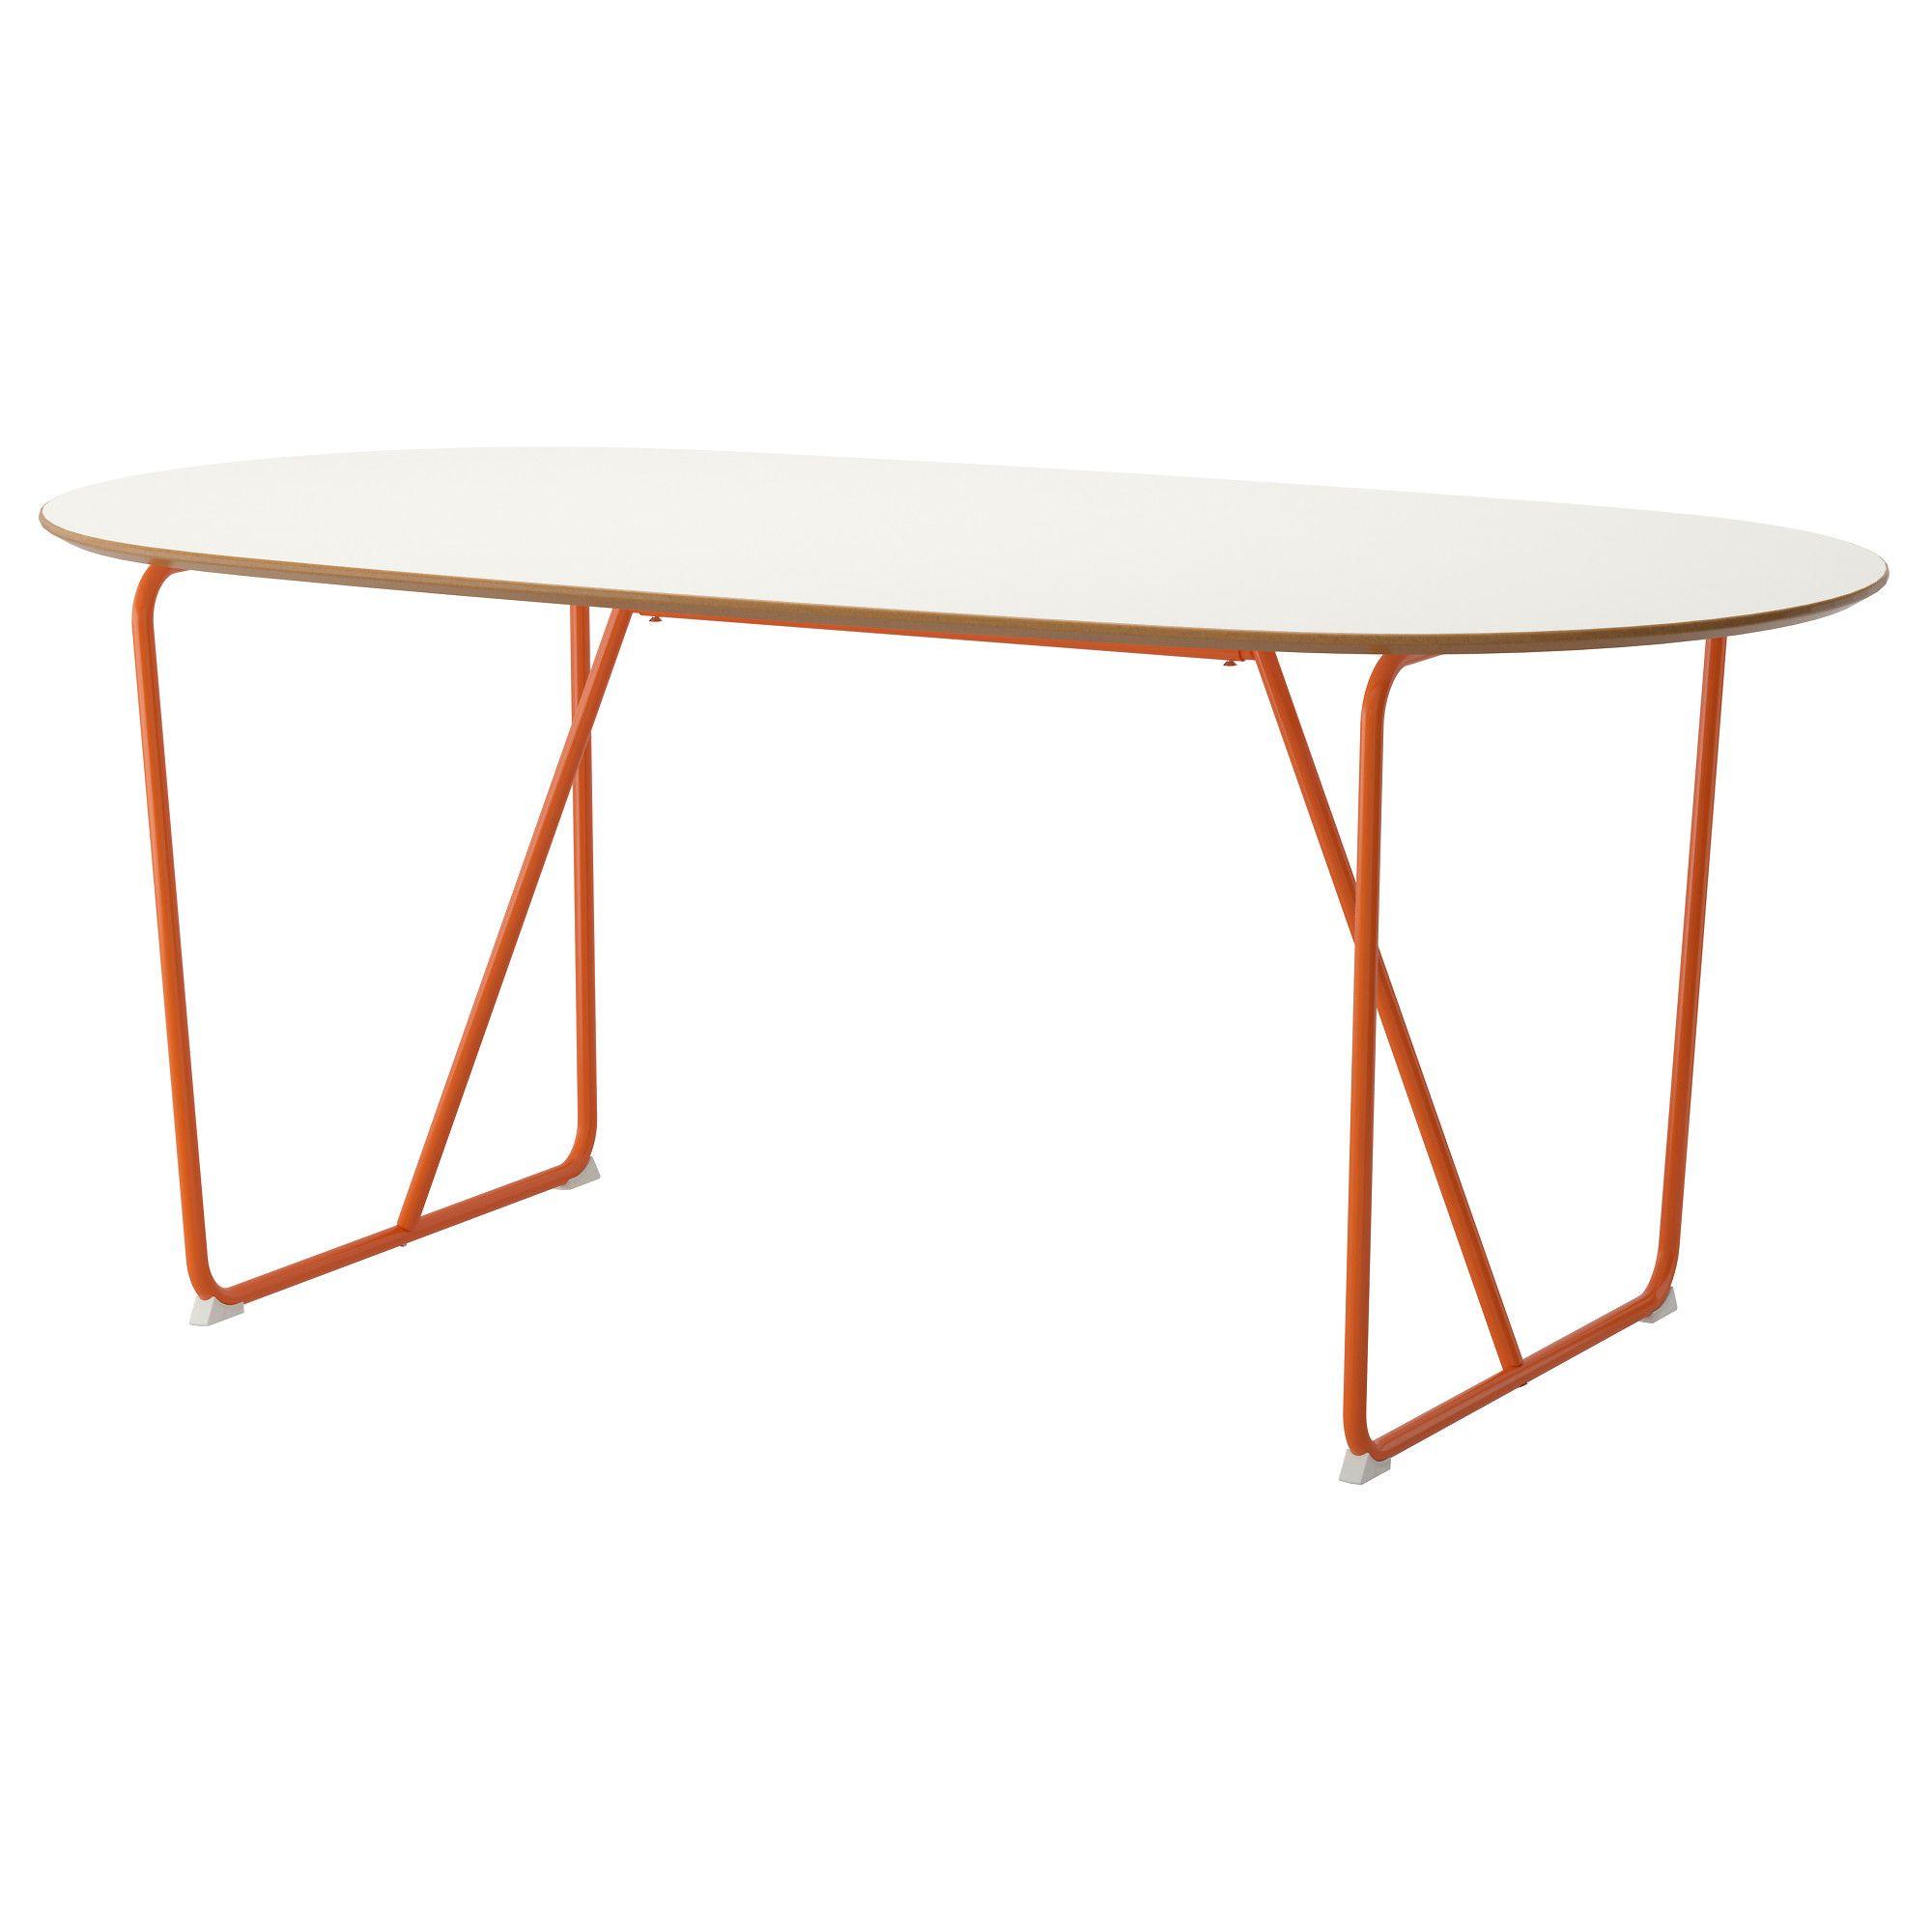 SLÄHULT Table, white, Backaryd orange | Pinterest | Tisch weiß ...